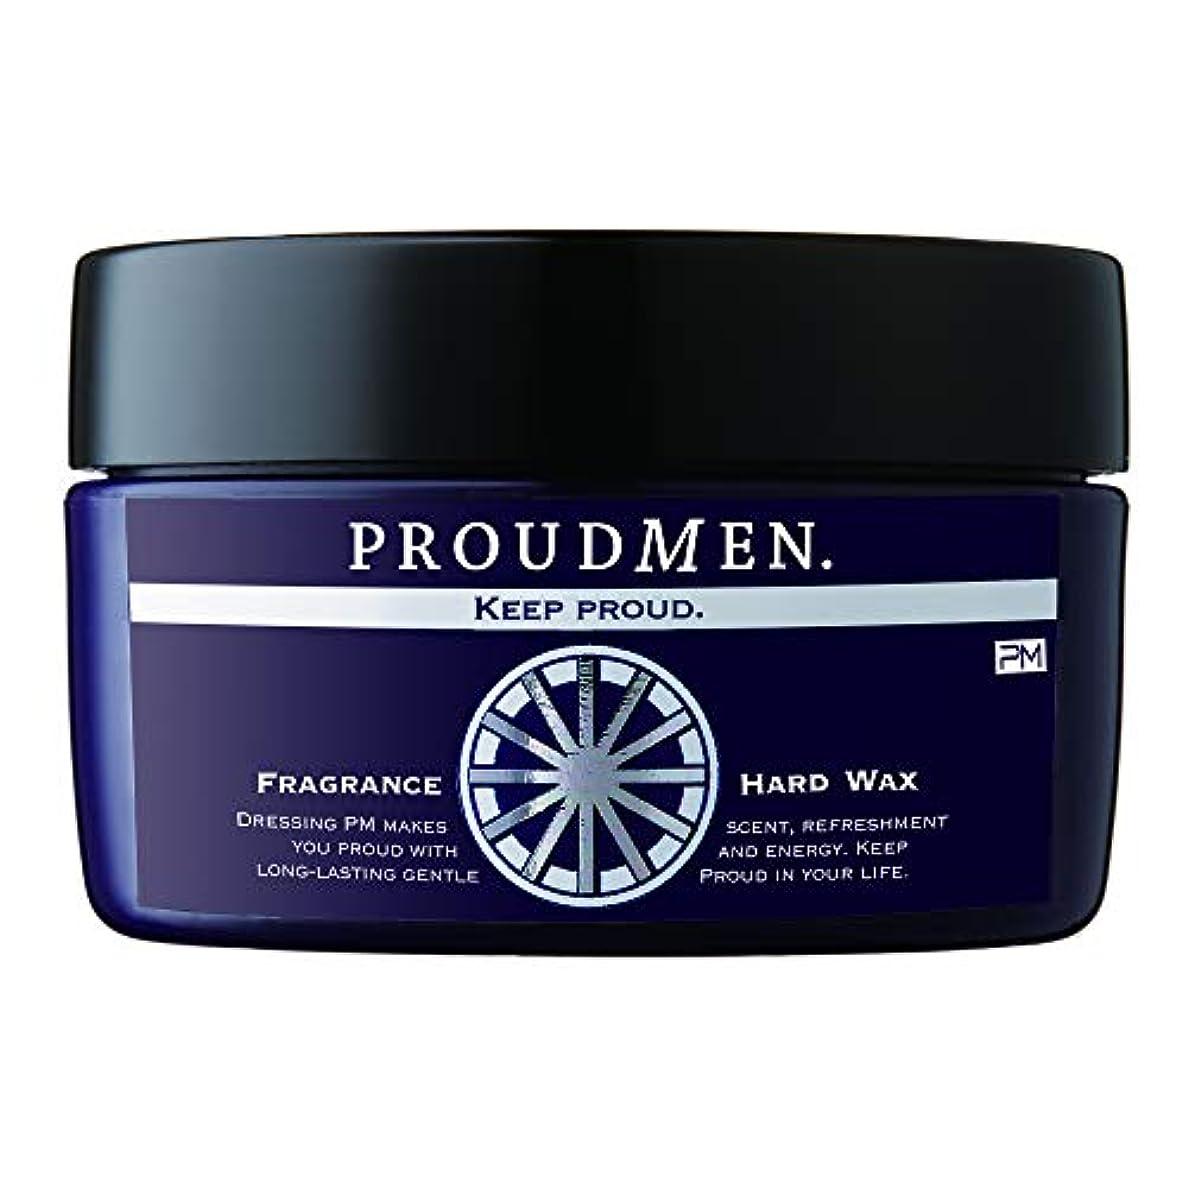 チーム感染する貝殻プラウドメン フレグランスハードワックス 60g (グルーミング?シトラスの香り) 整髪料 スタイリング剤 ヘアワックス メンズ 男性